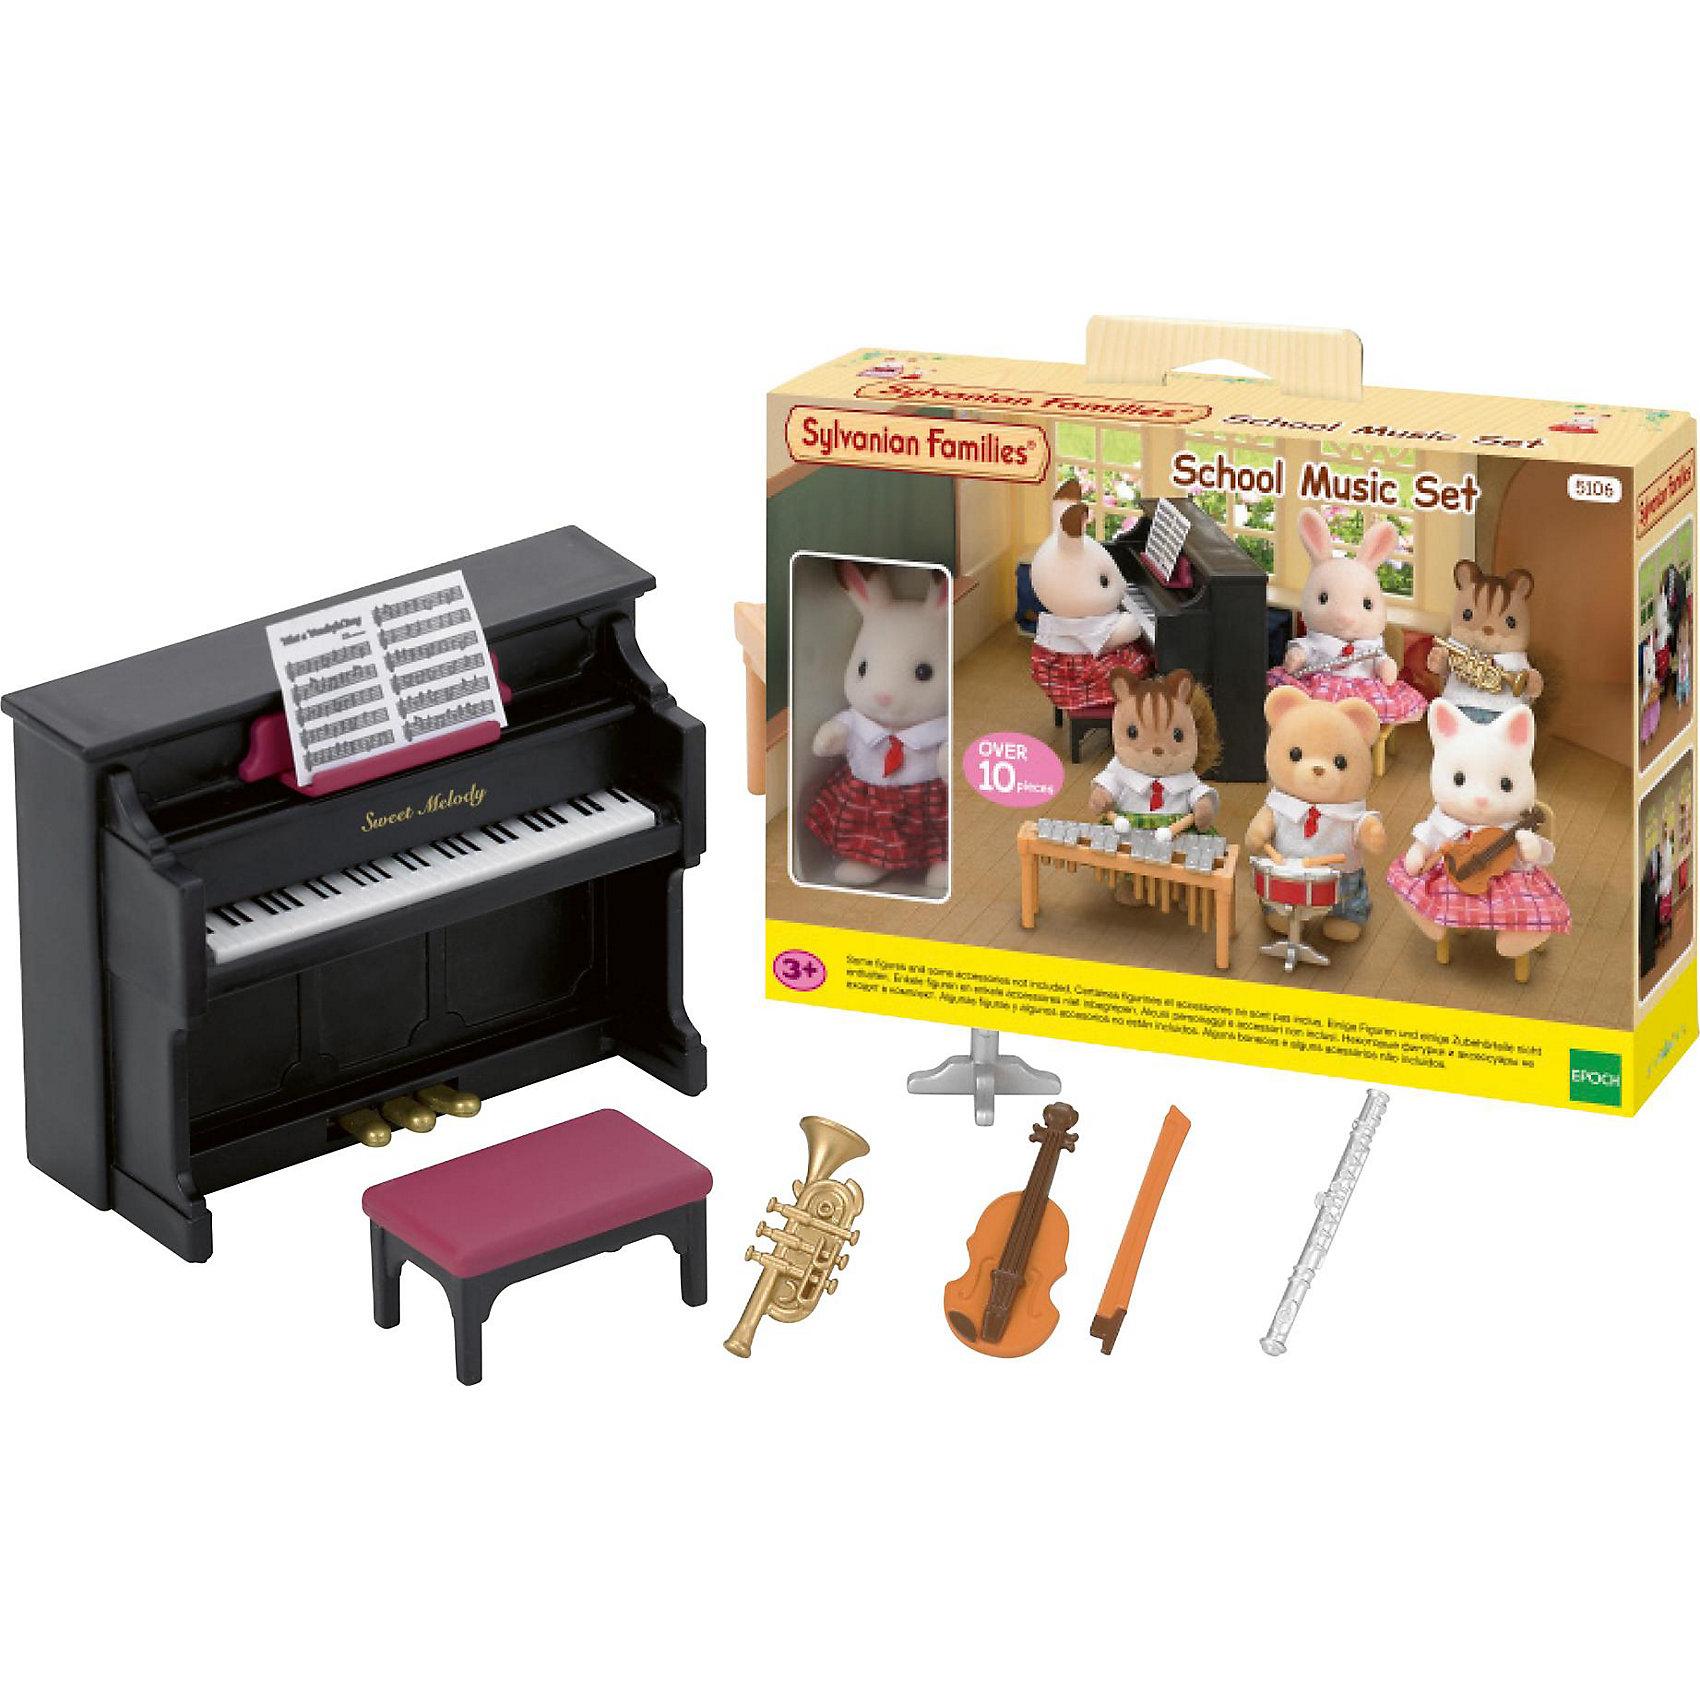 Набор Школьный оркестр, Sylvanian FamiliesSylvanian Families (Сильваниан Фэмилис) - целый мир, в котором живут маленькие милые зверята -  кролики, белки, медведи, лисы и многие другие. У каждого из них есть дом. Зверята репетируют в школьном оркестре, ты можешь стать дирижером, скорее присоединяйся! Игрушка прекрасно подходит для сюжетно-ролевых игр детей, развивает социальные навыки, мелкую моторику и воображение. Способствует правильному формированию образца полной семьи. Все детали набора выполнены их высококачественных, нетоксичных безопасных материалов. <br><br>Дополнительная информация:<br><br>- Комплектация: фигурка кролика Марии, фортепиано, пуфик, барабан, труба, скрипка со смычком, флейта, ноты.<br>- Материал: пластик, текстиль, флок.<br>- Голова и лапки игрушек поворачиваются.<br>- Размер упаковки: 64х3,8х50 см.<br><br>Набор Школьный оркестр, Sylvanian Families (Сильваниан Фэмилис), можно купить в нашем магазине.<br><br>Ширина мм: 640<br>Глубина мм: 380<br>Высота мм: 500<br>Вес г: 253<br>Возраст от месяцев: 36<br>Возраст до месяцев: 72<br>Пол: Женский<br>Возраст: Детский<br>SKU: 4177948